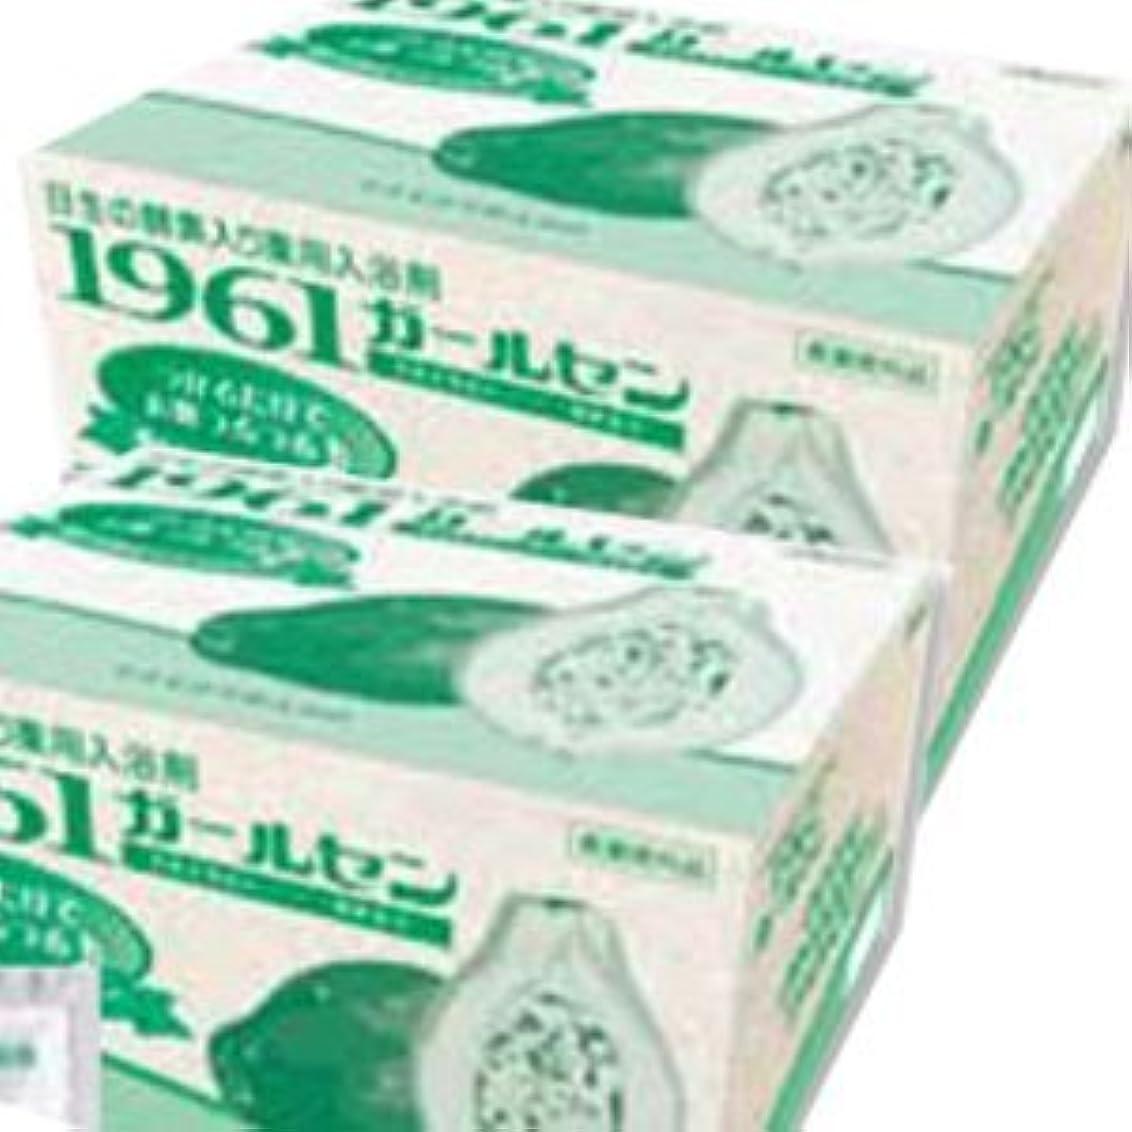 透明に関係病気日本生化学 薬用入浴剤 1961ガールセン (20g×60包)×2箱 (医薬部外品)